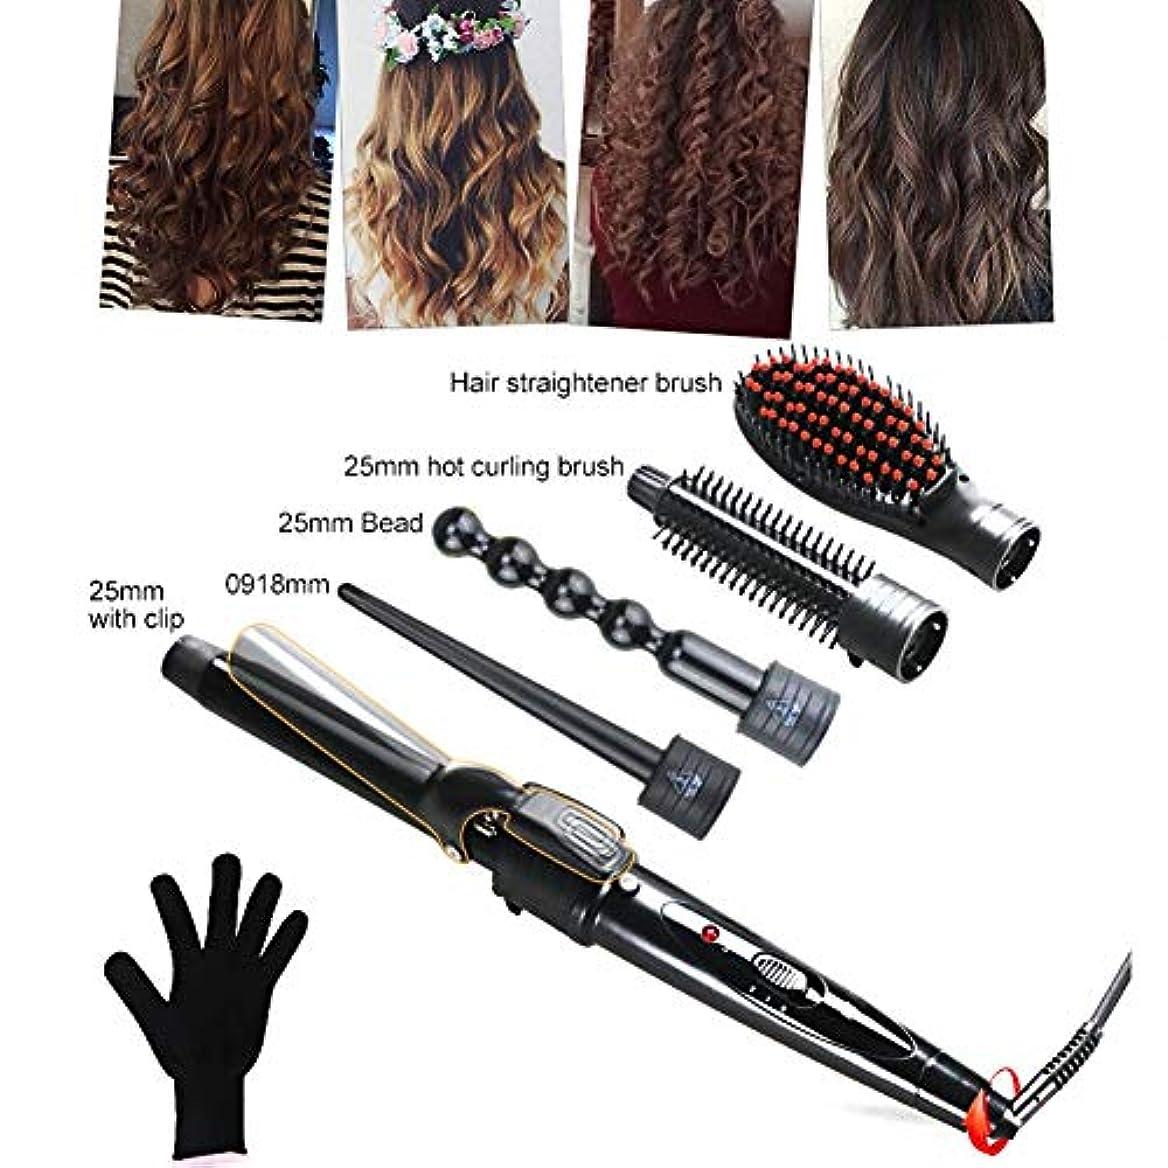 目指す討論抽象ヘアカーラー - 5で1カーリングアイロンセット、5髪交換カーラーセラミックバレ 耐熱手袋が付 ストレートヘアコーム ル用すべての髪